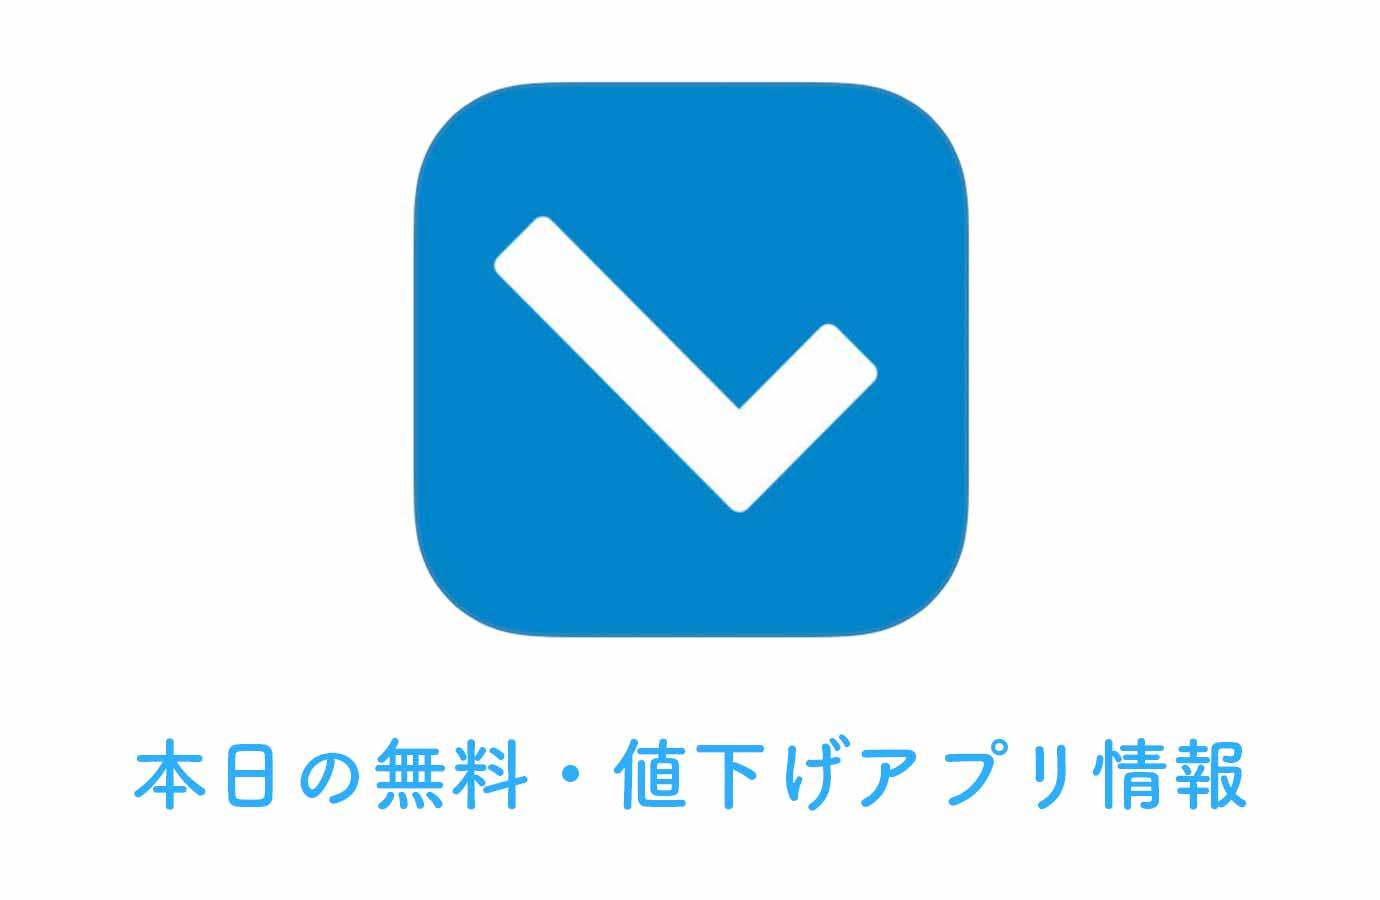 240円→無料、写真やアイコンで管理できるToDoアプリ「Cuecard」など【5/29】本日の無料・値下げアプリ情報